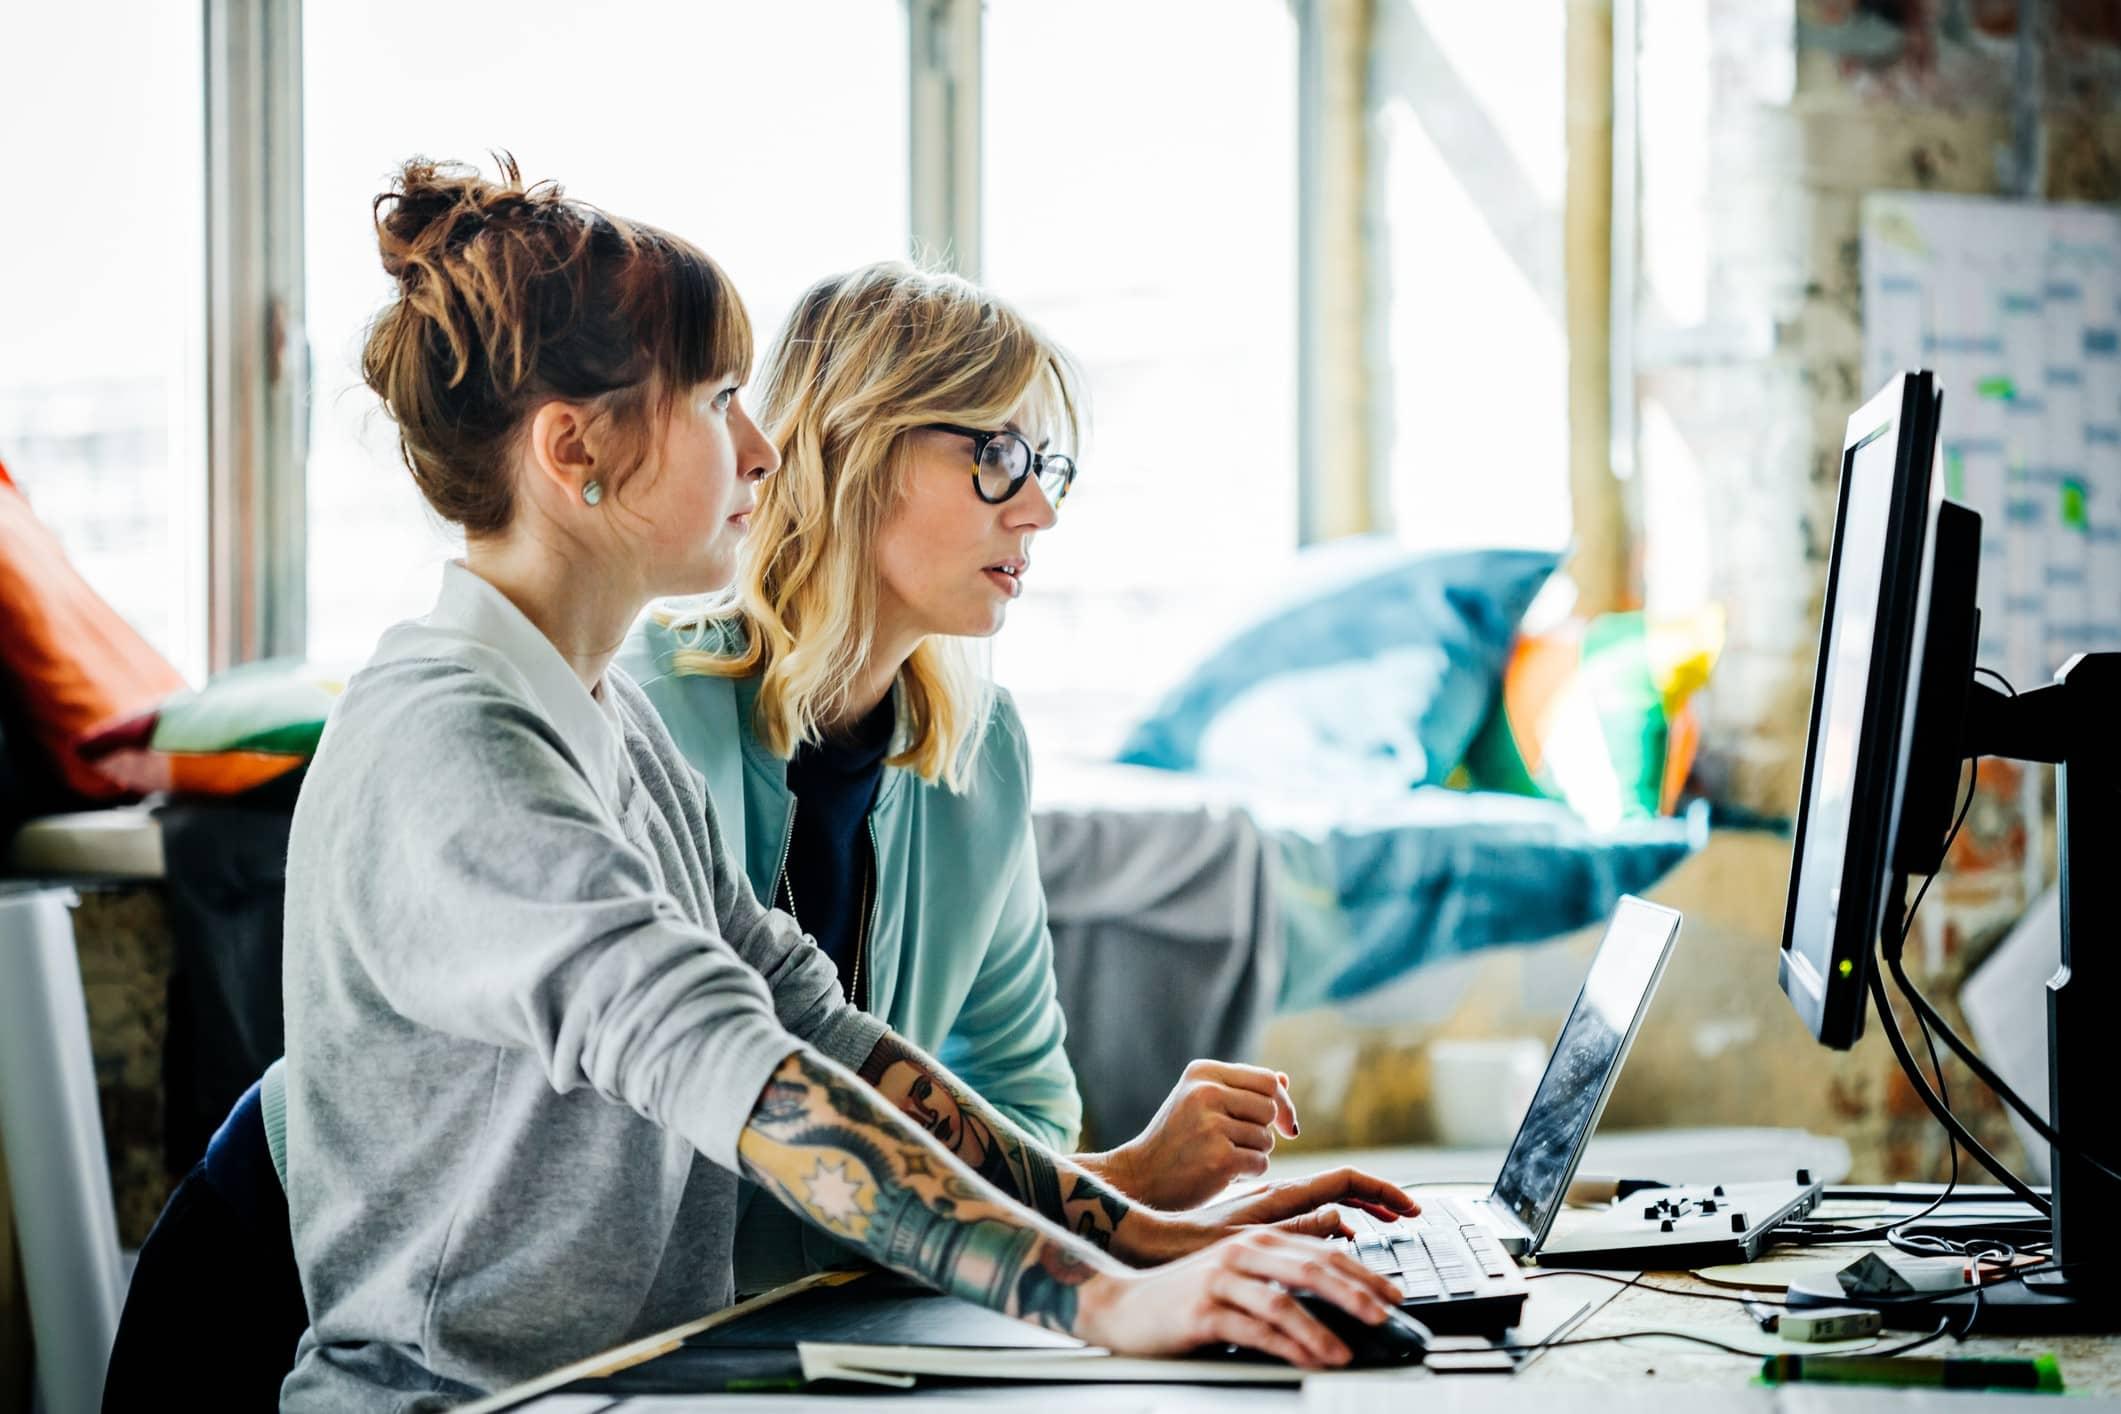 Os 35 melhores hábitos no ambiente de trabalho